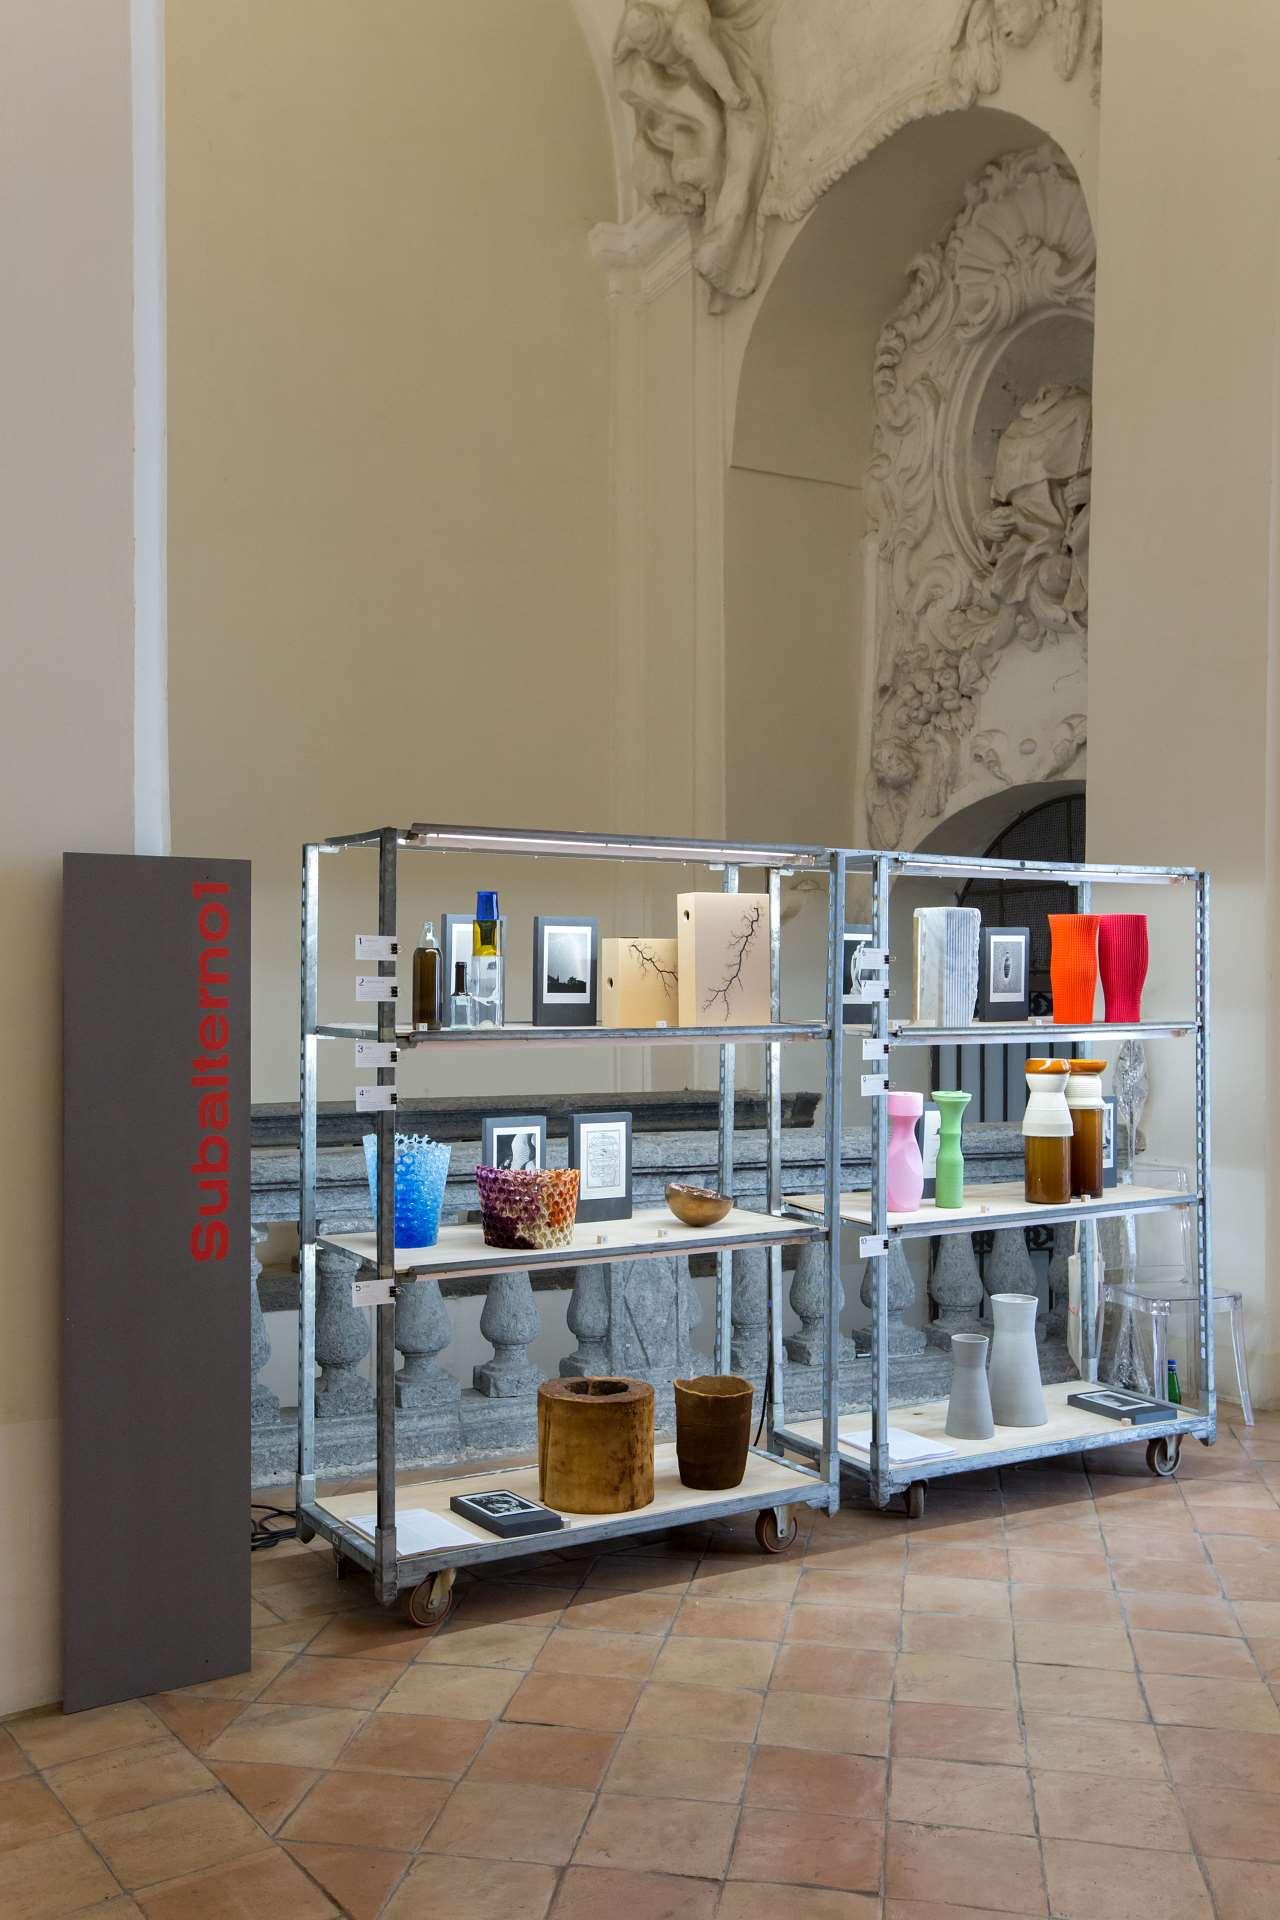 EDIT Napoli exhibition view,Subalterno. Photo © Roberto Pierucci.